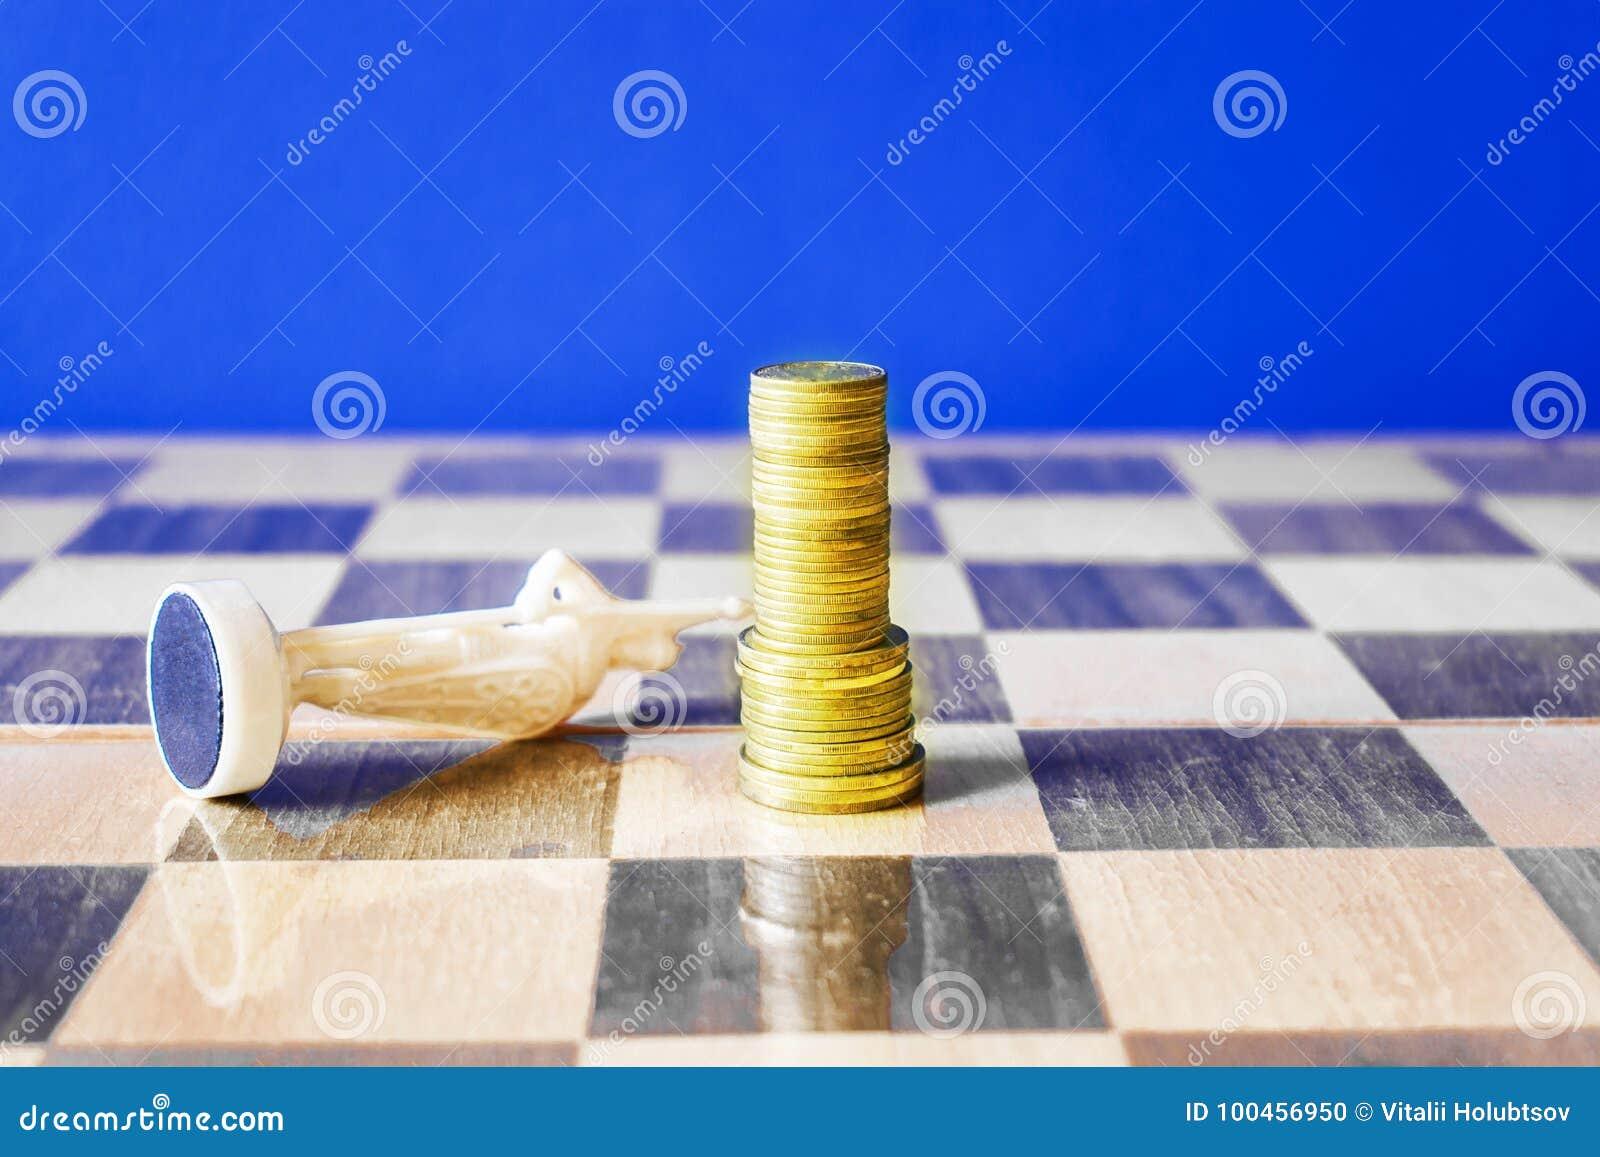 Monety tworzą jak królewiątko na chessboard